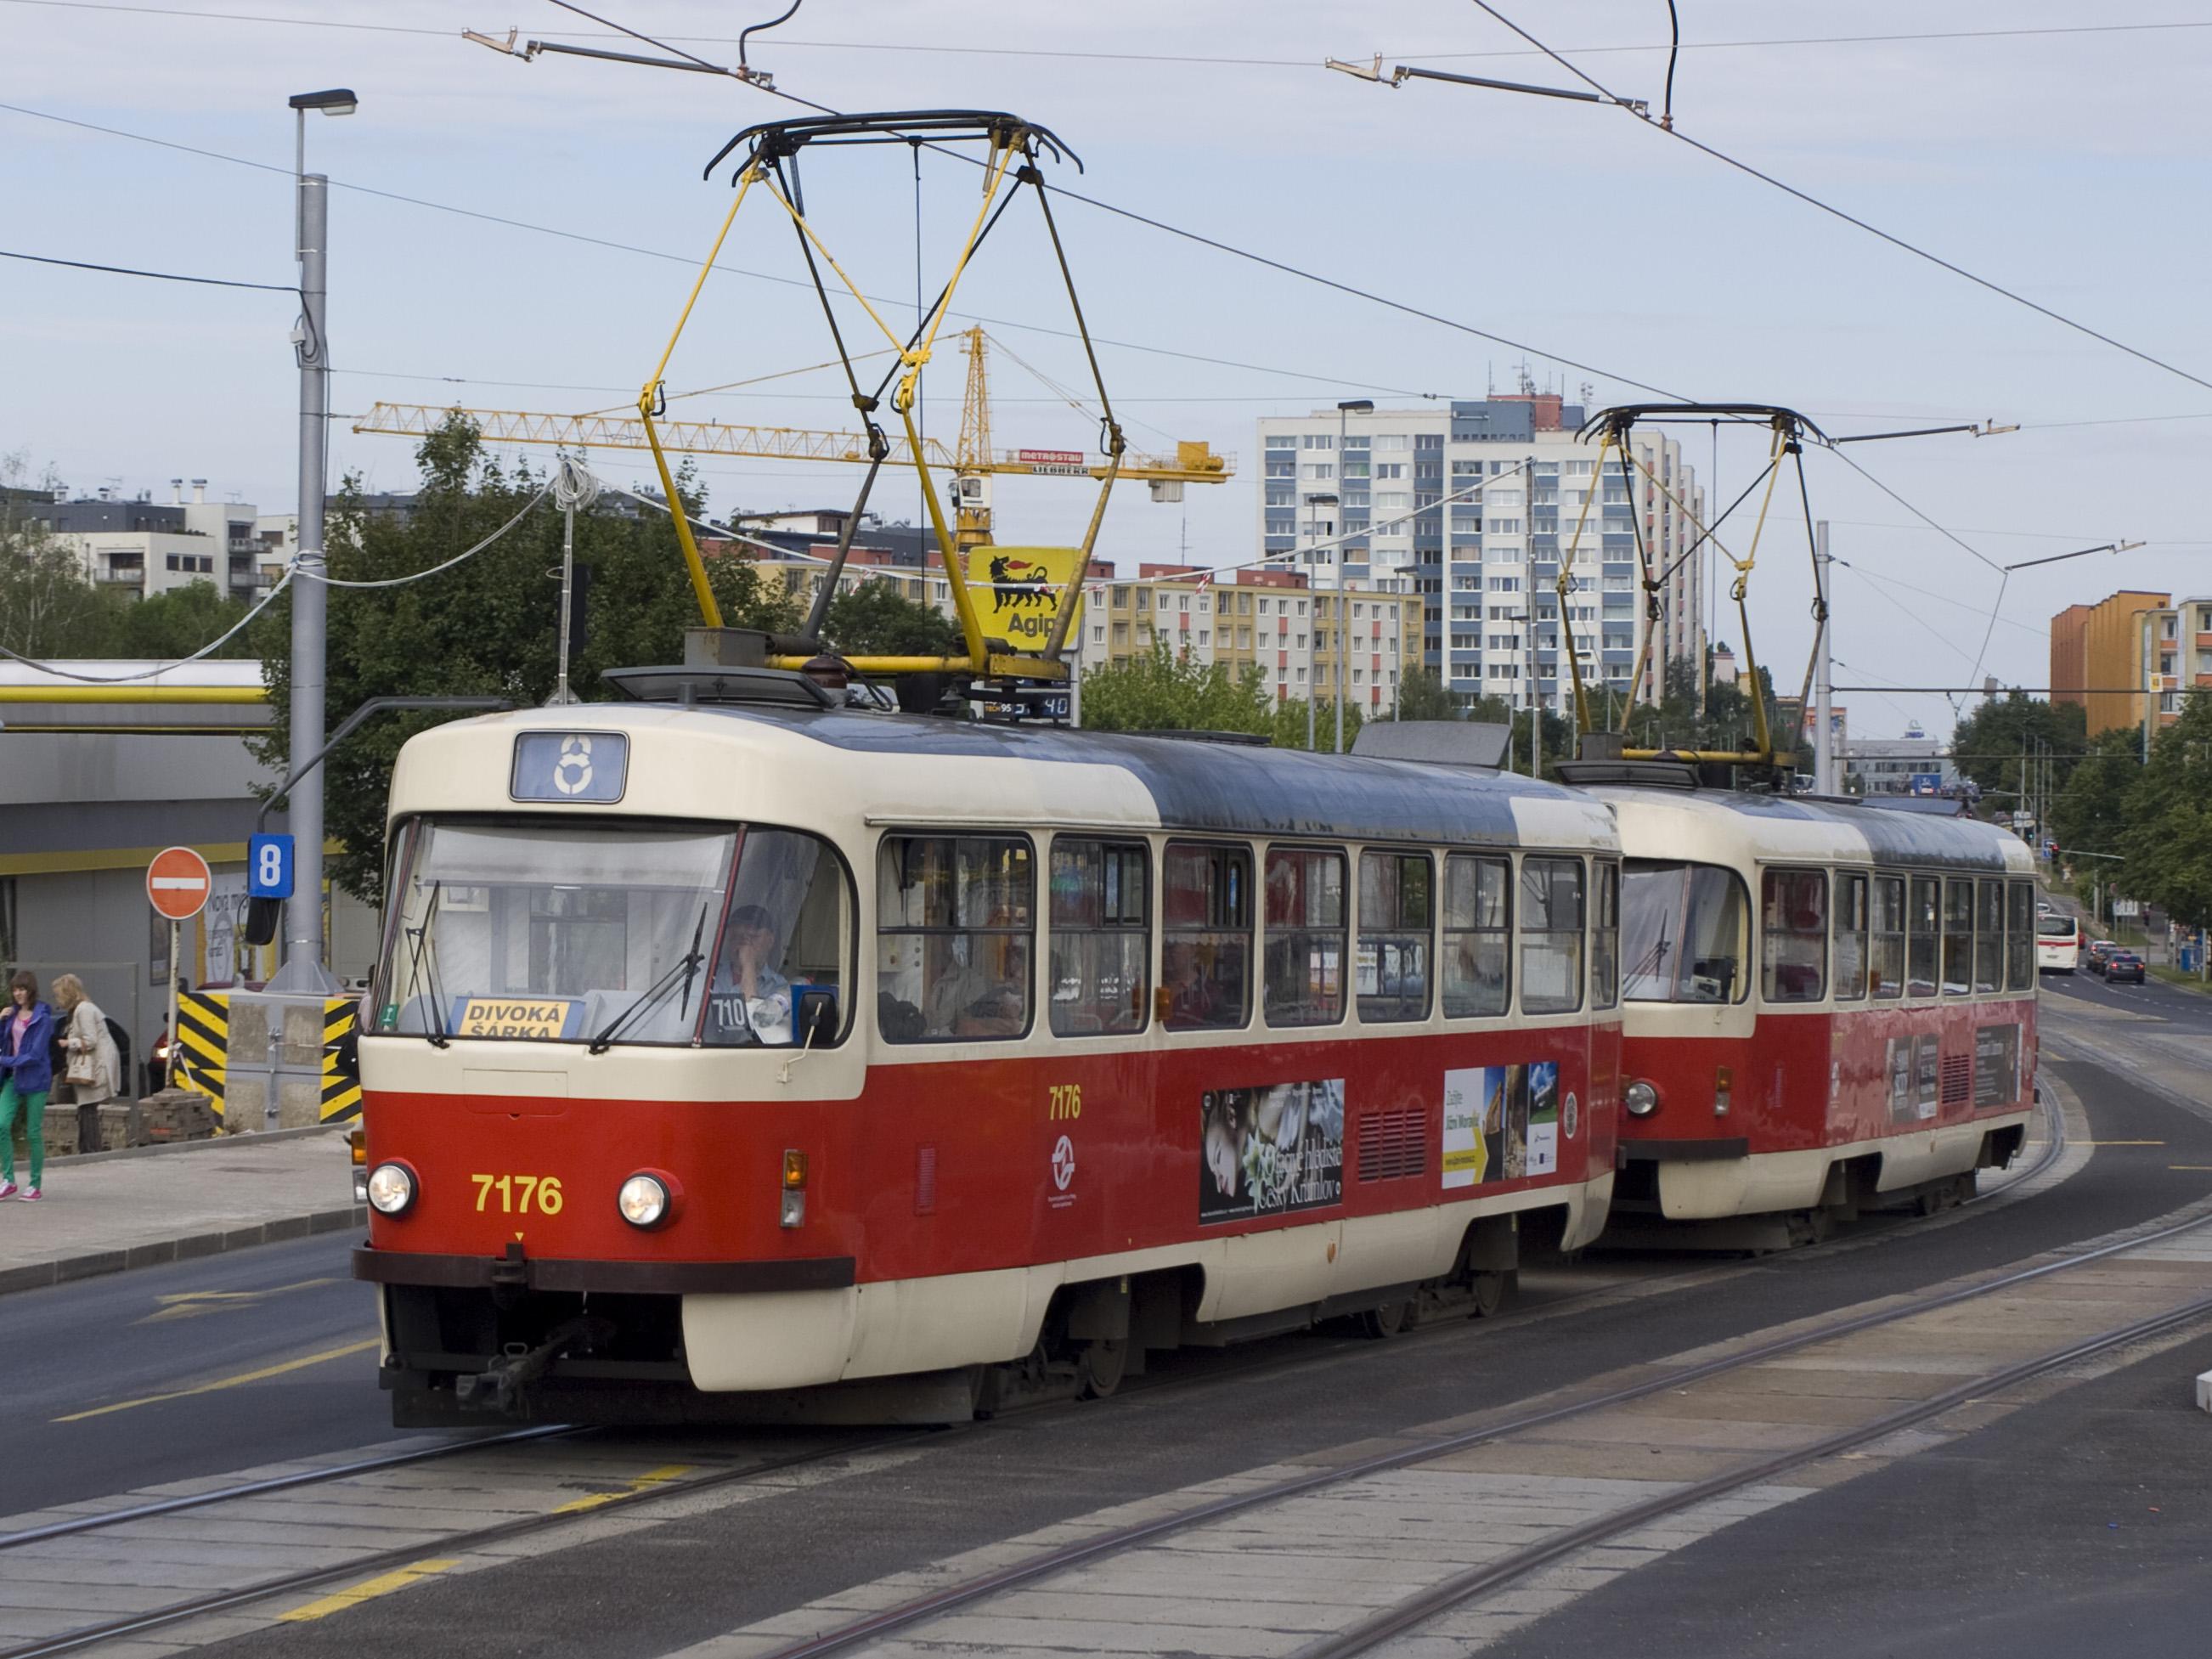 File:Nádraží Veleslavín, 7176.jpg